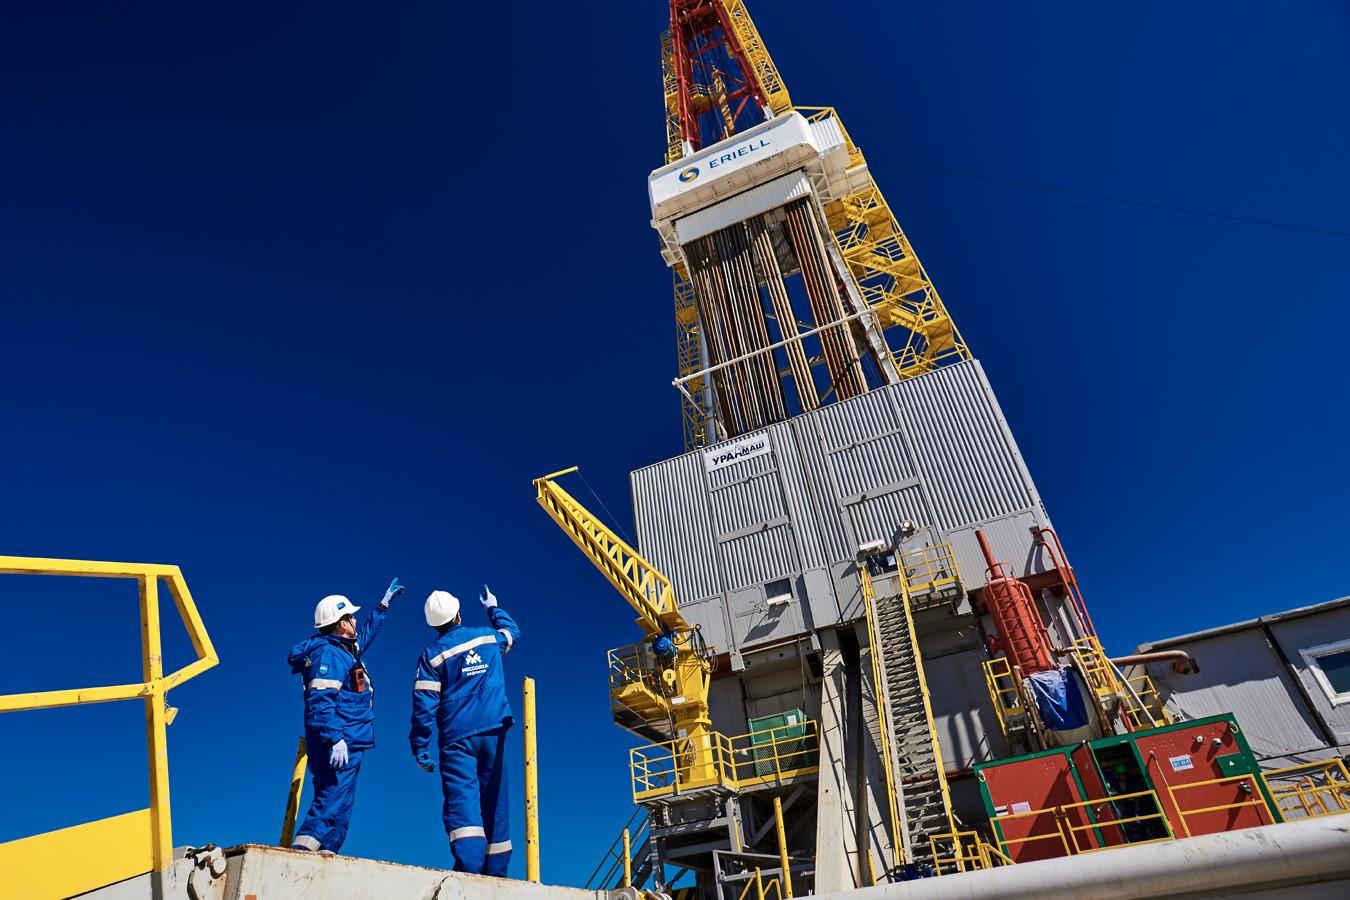 Rosja zgodna z OPEC, ale jest jeden problem